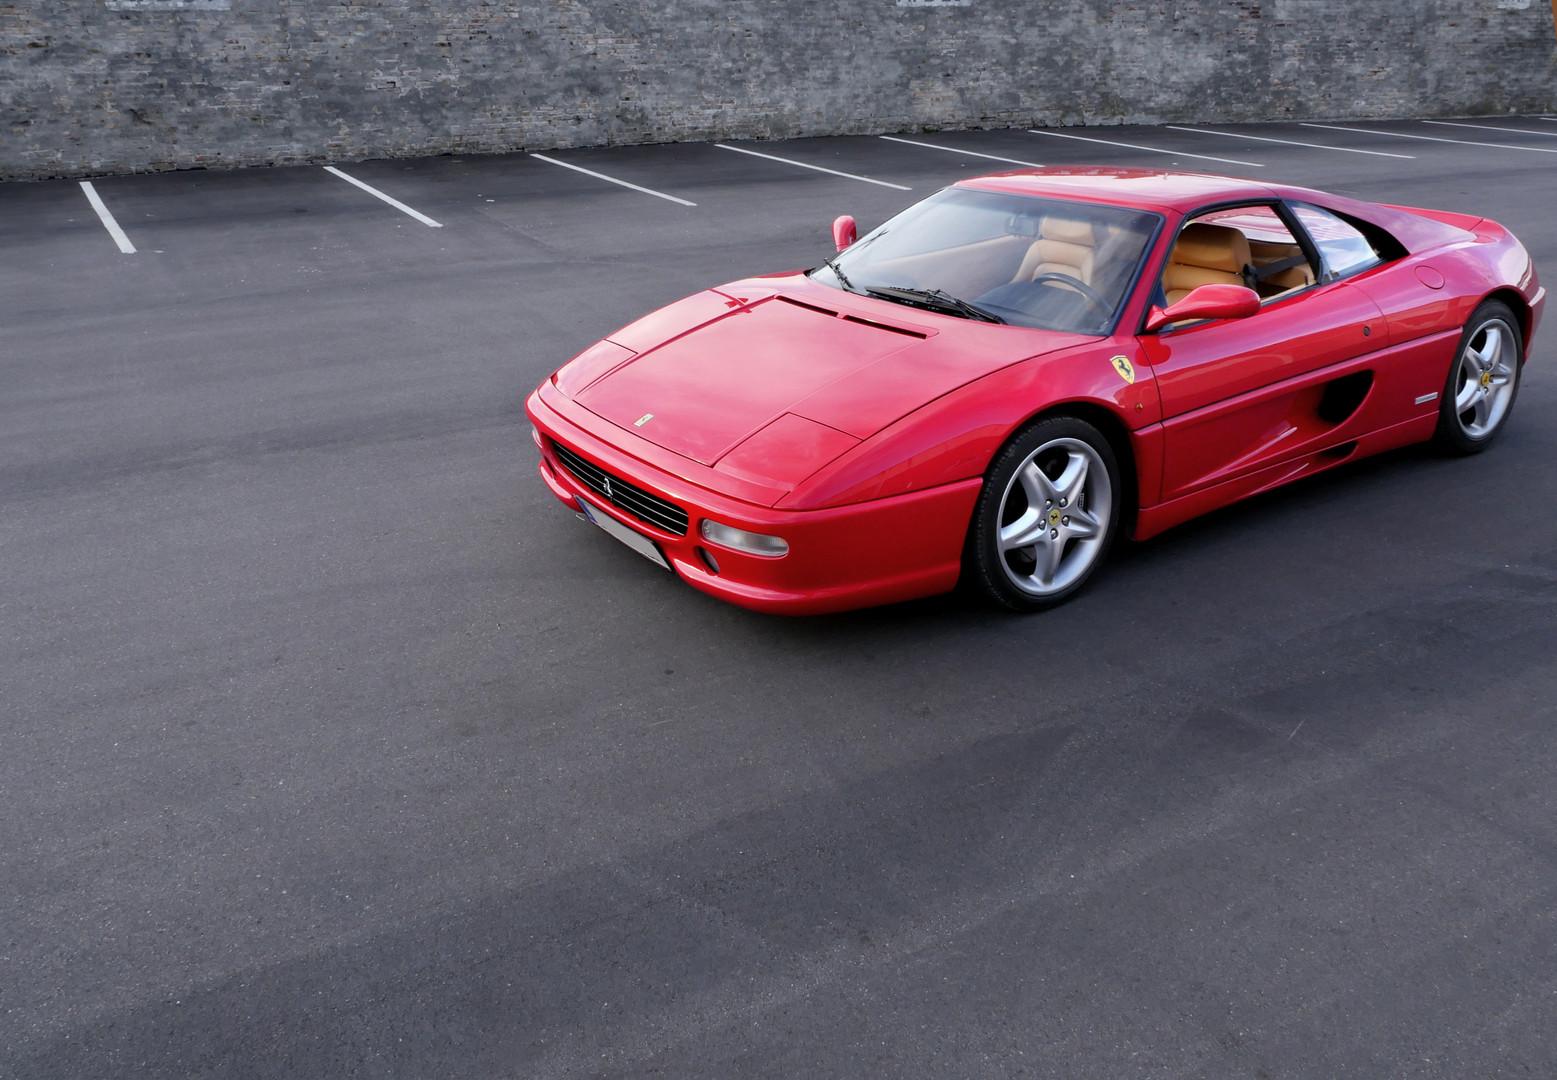 Ferrari 355 GTB